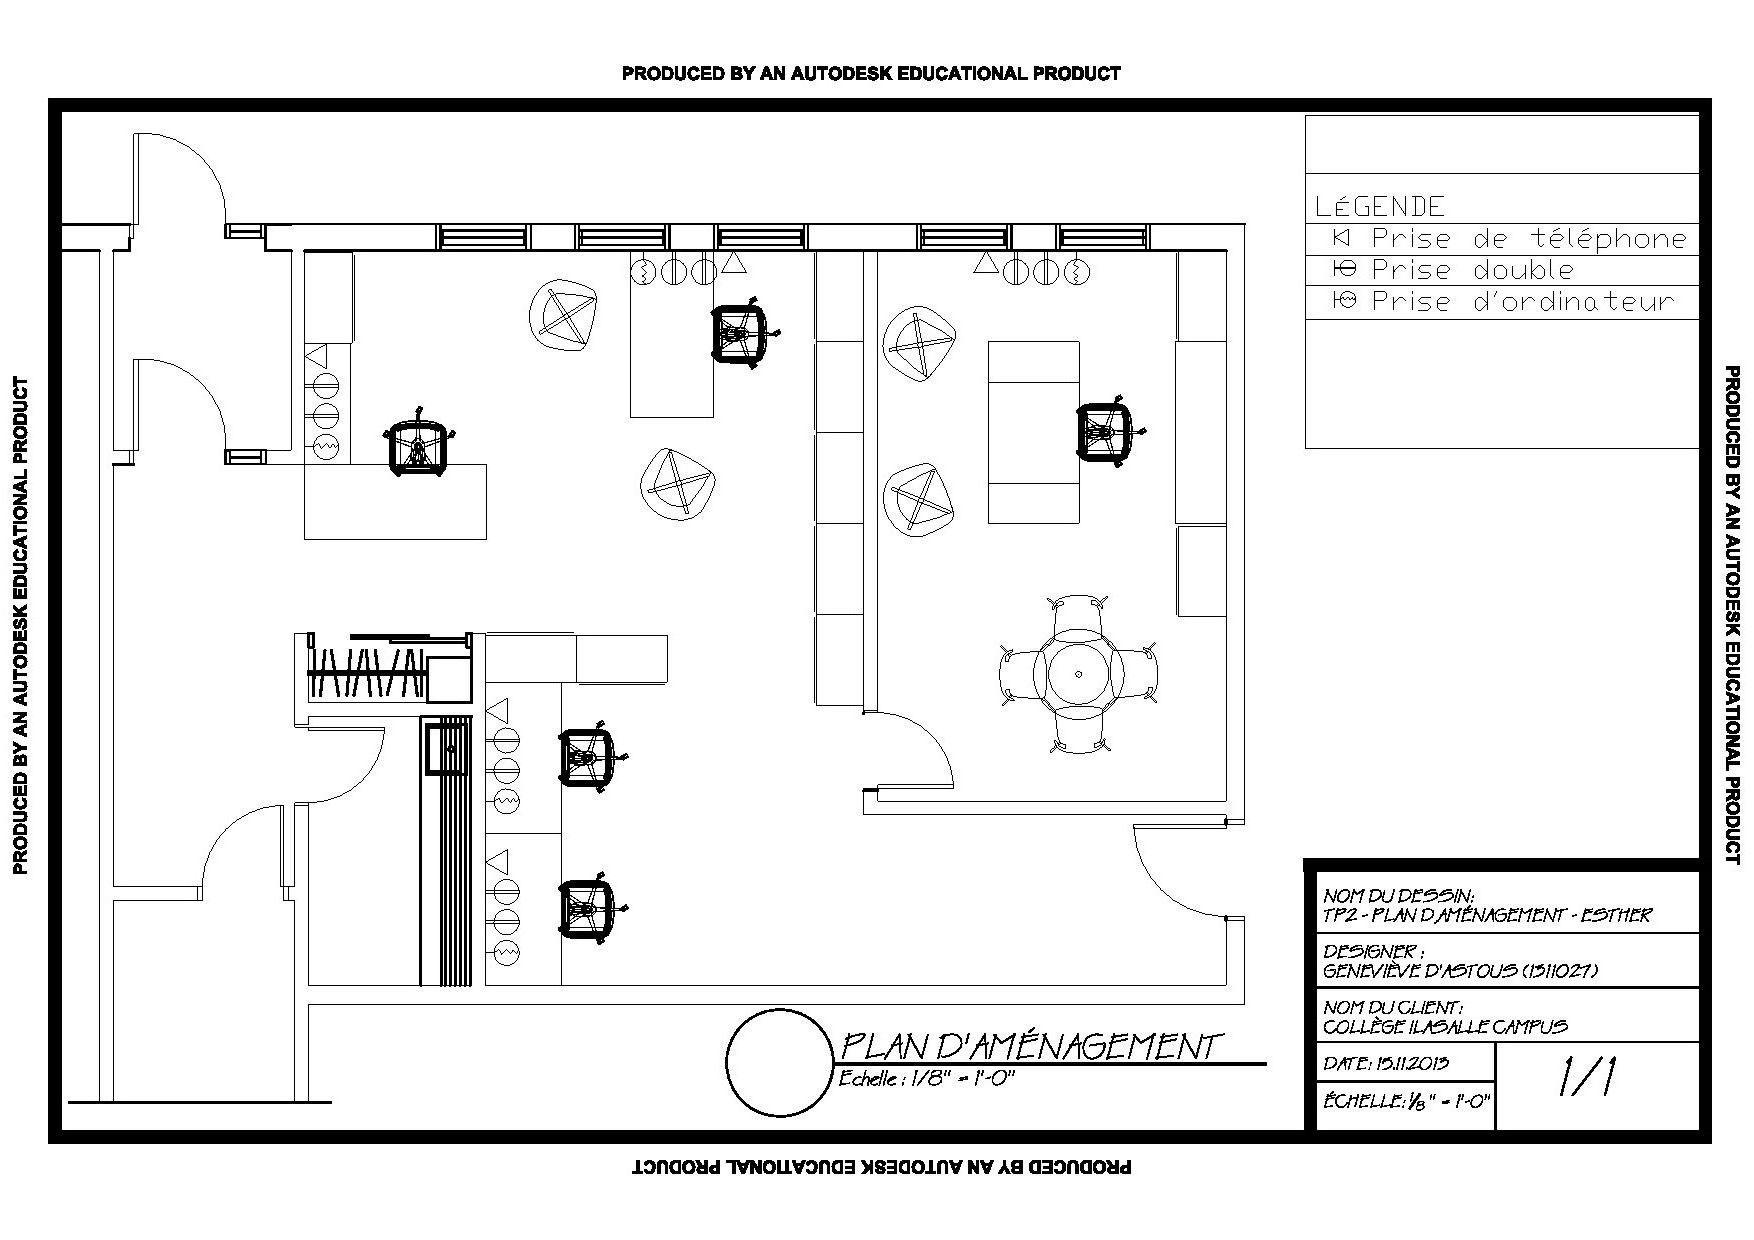 Plan D Amenagement Avec Elements Electriques De L Espace Occupe Par La Firme Esther Cours Planification De L Amenagement Int Floor Plans Portfolio Diagram